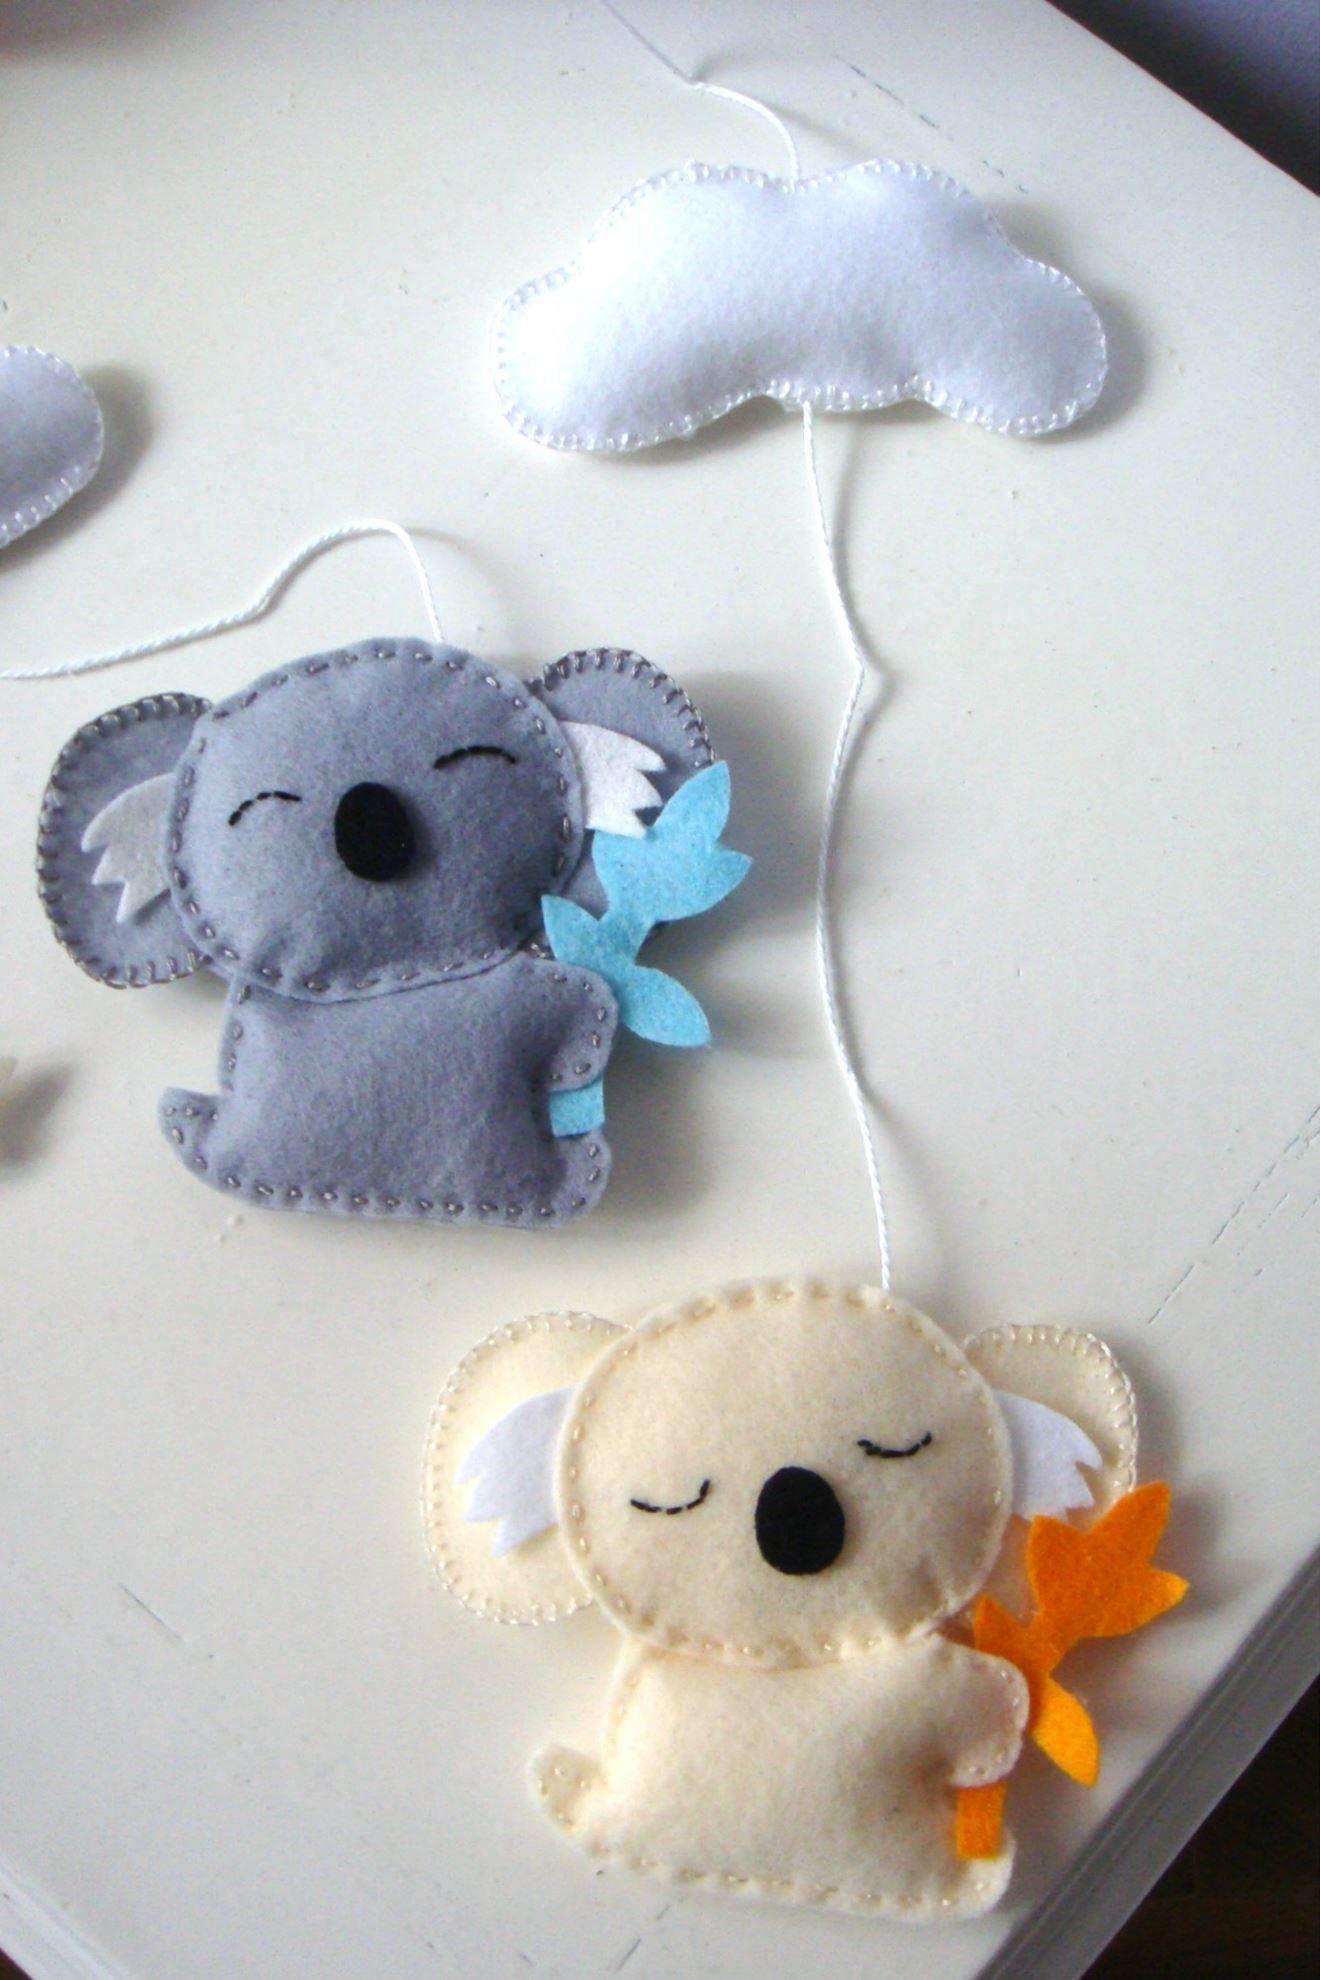 Koala baby nursery mobile. Déco Chambre Bébé, Chambre Enfant, Mobile Bébé,  Patron 37c78affee4